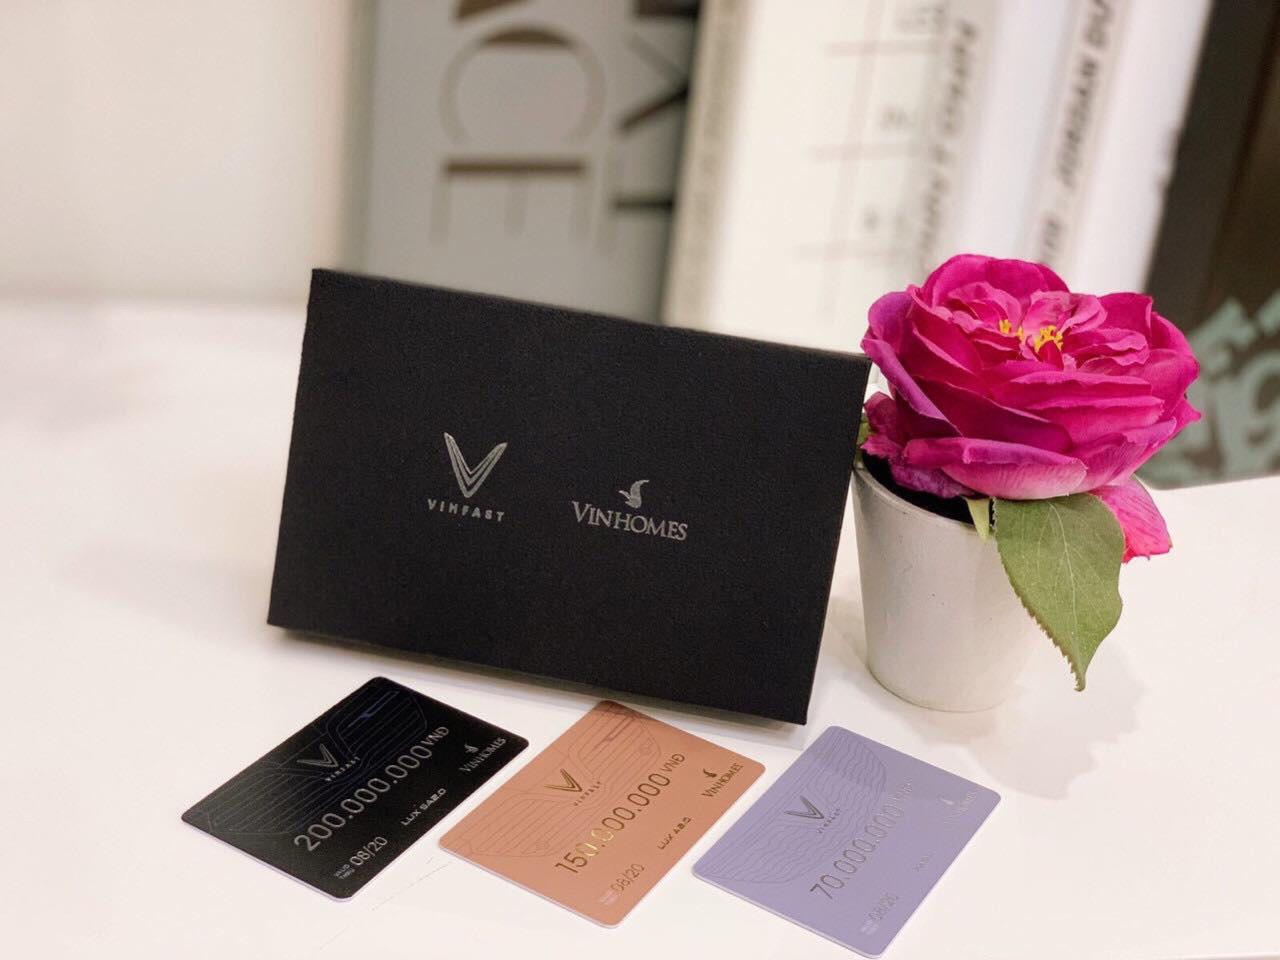 Mua xe VinFast tiết kiệm cả trăm triệu đồng nhờ voucher Vinhomes - Ảnh 2.